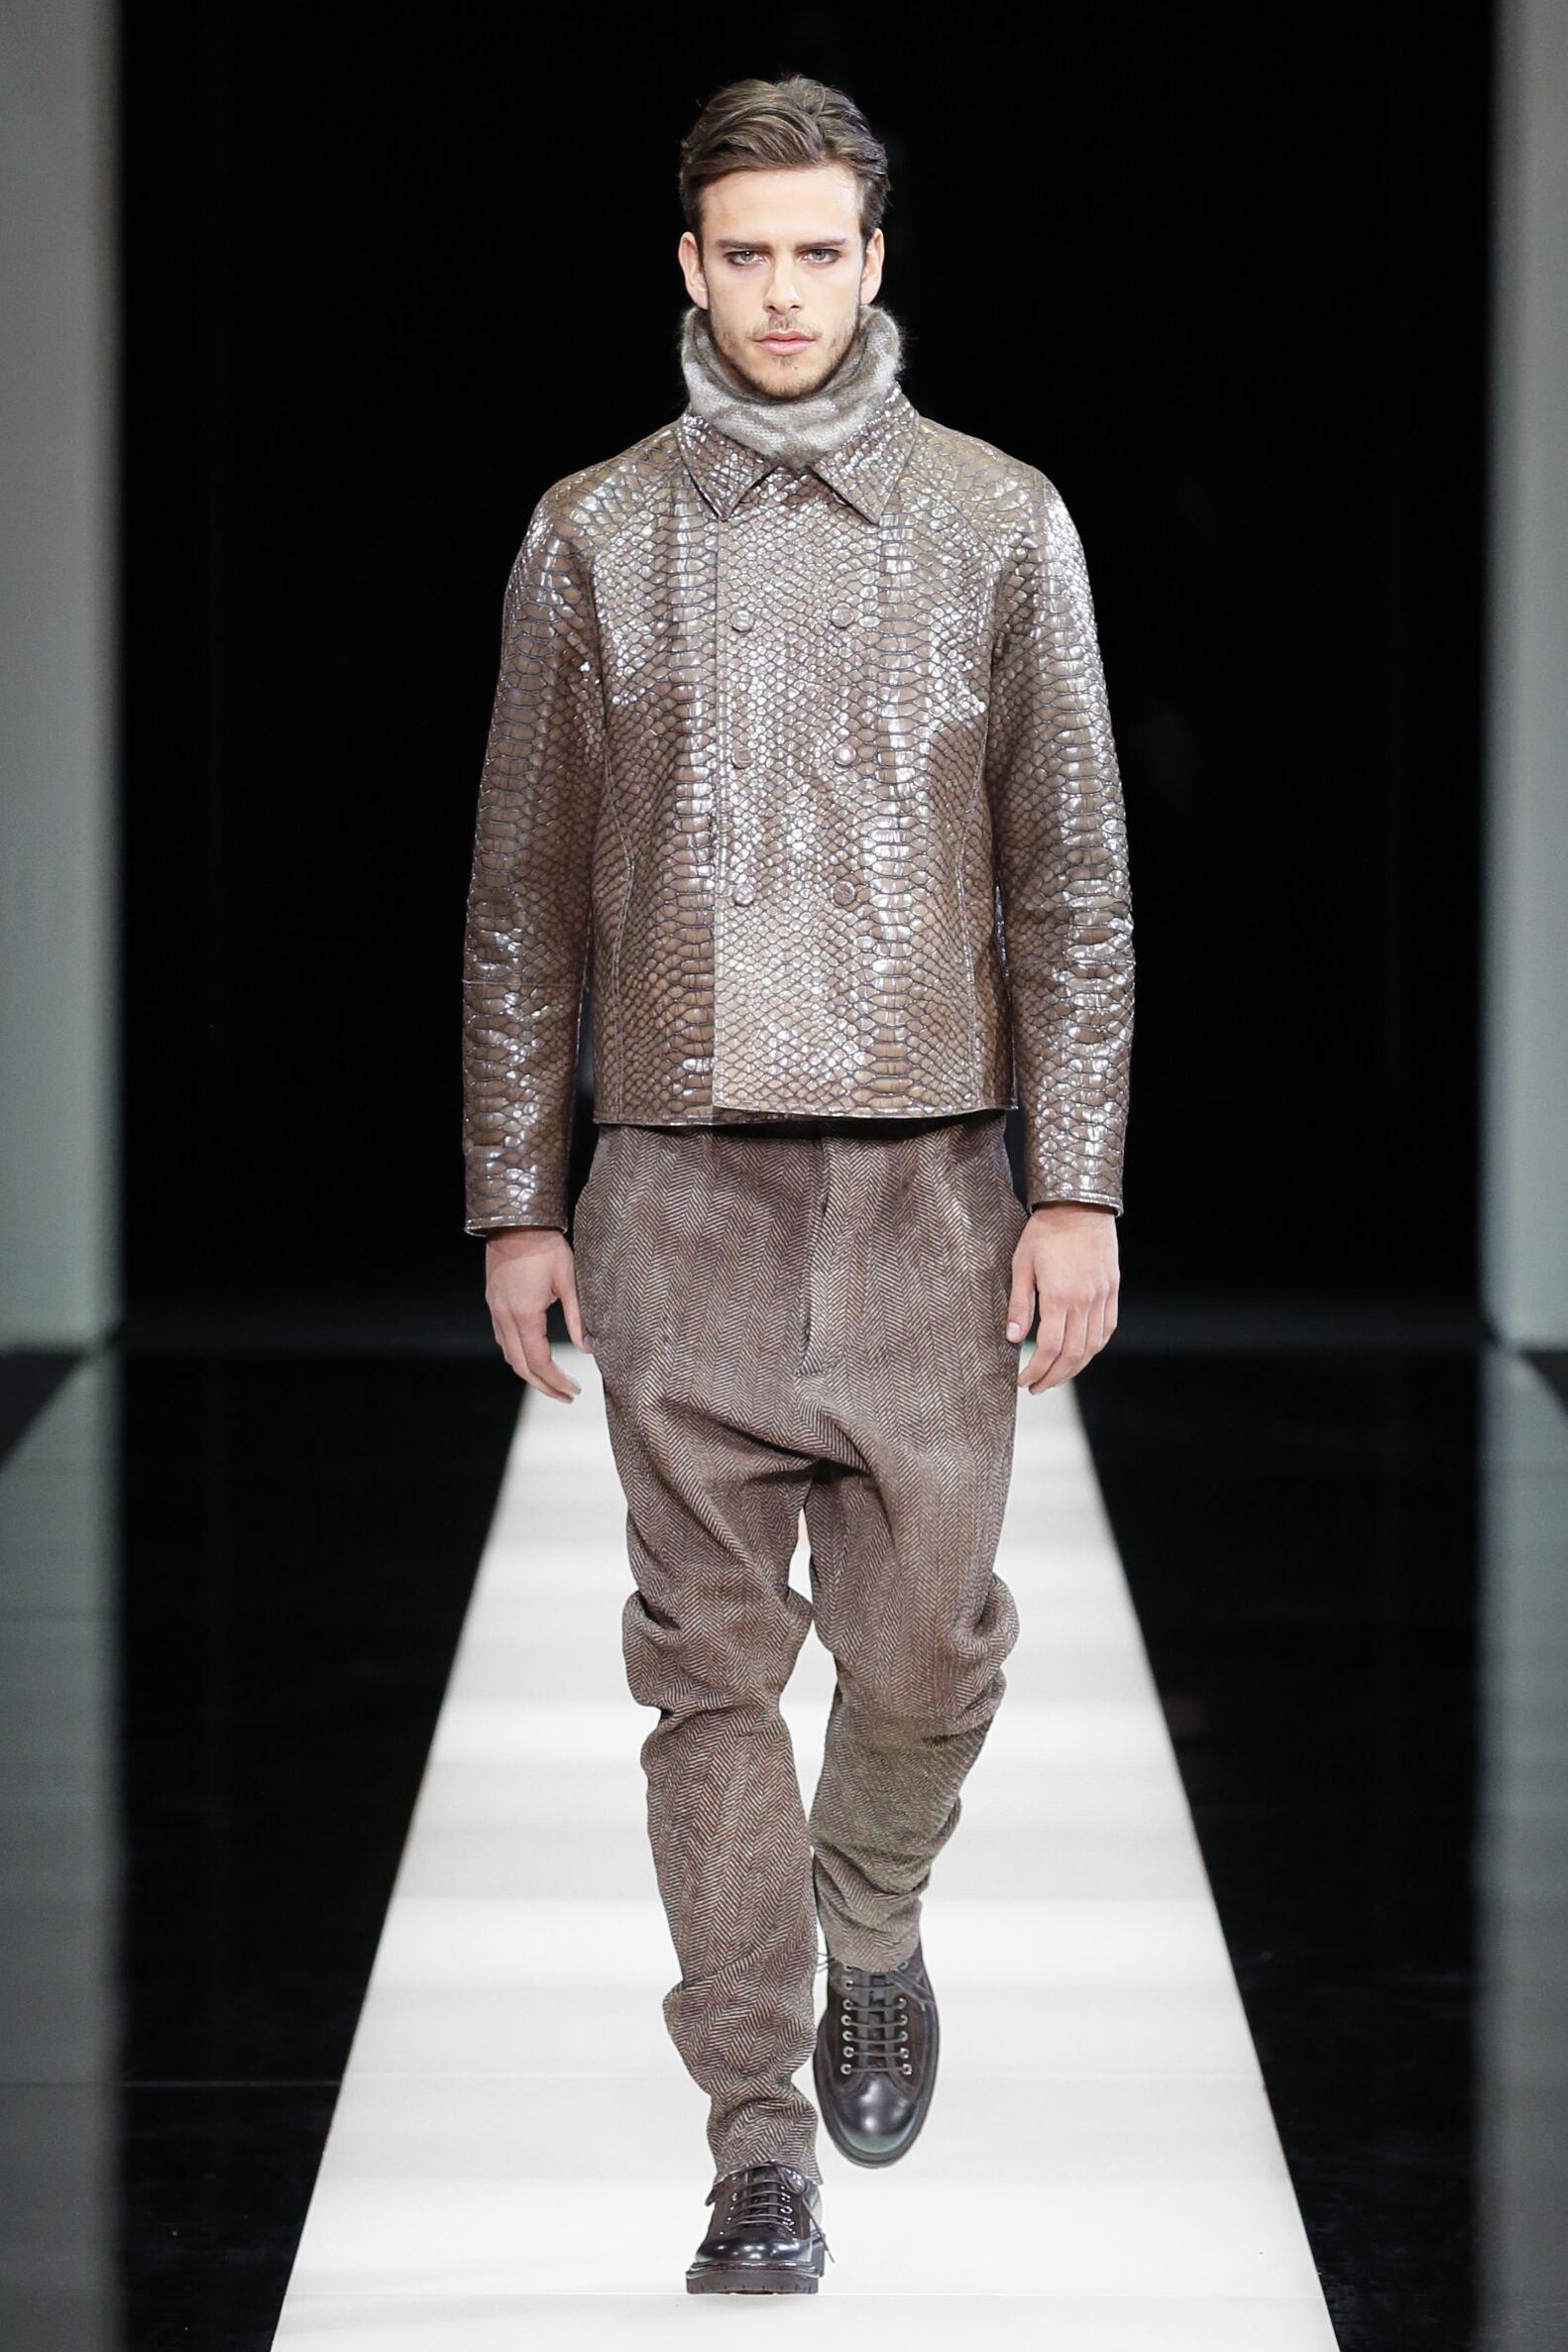 Giorgio Armani Collection 2015